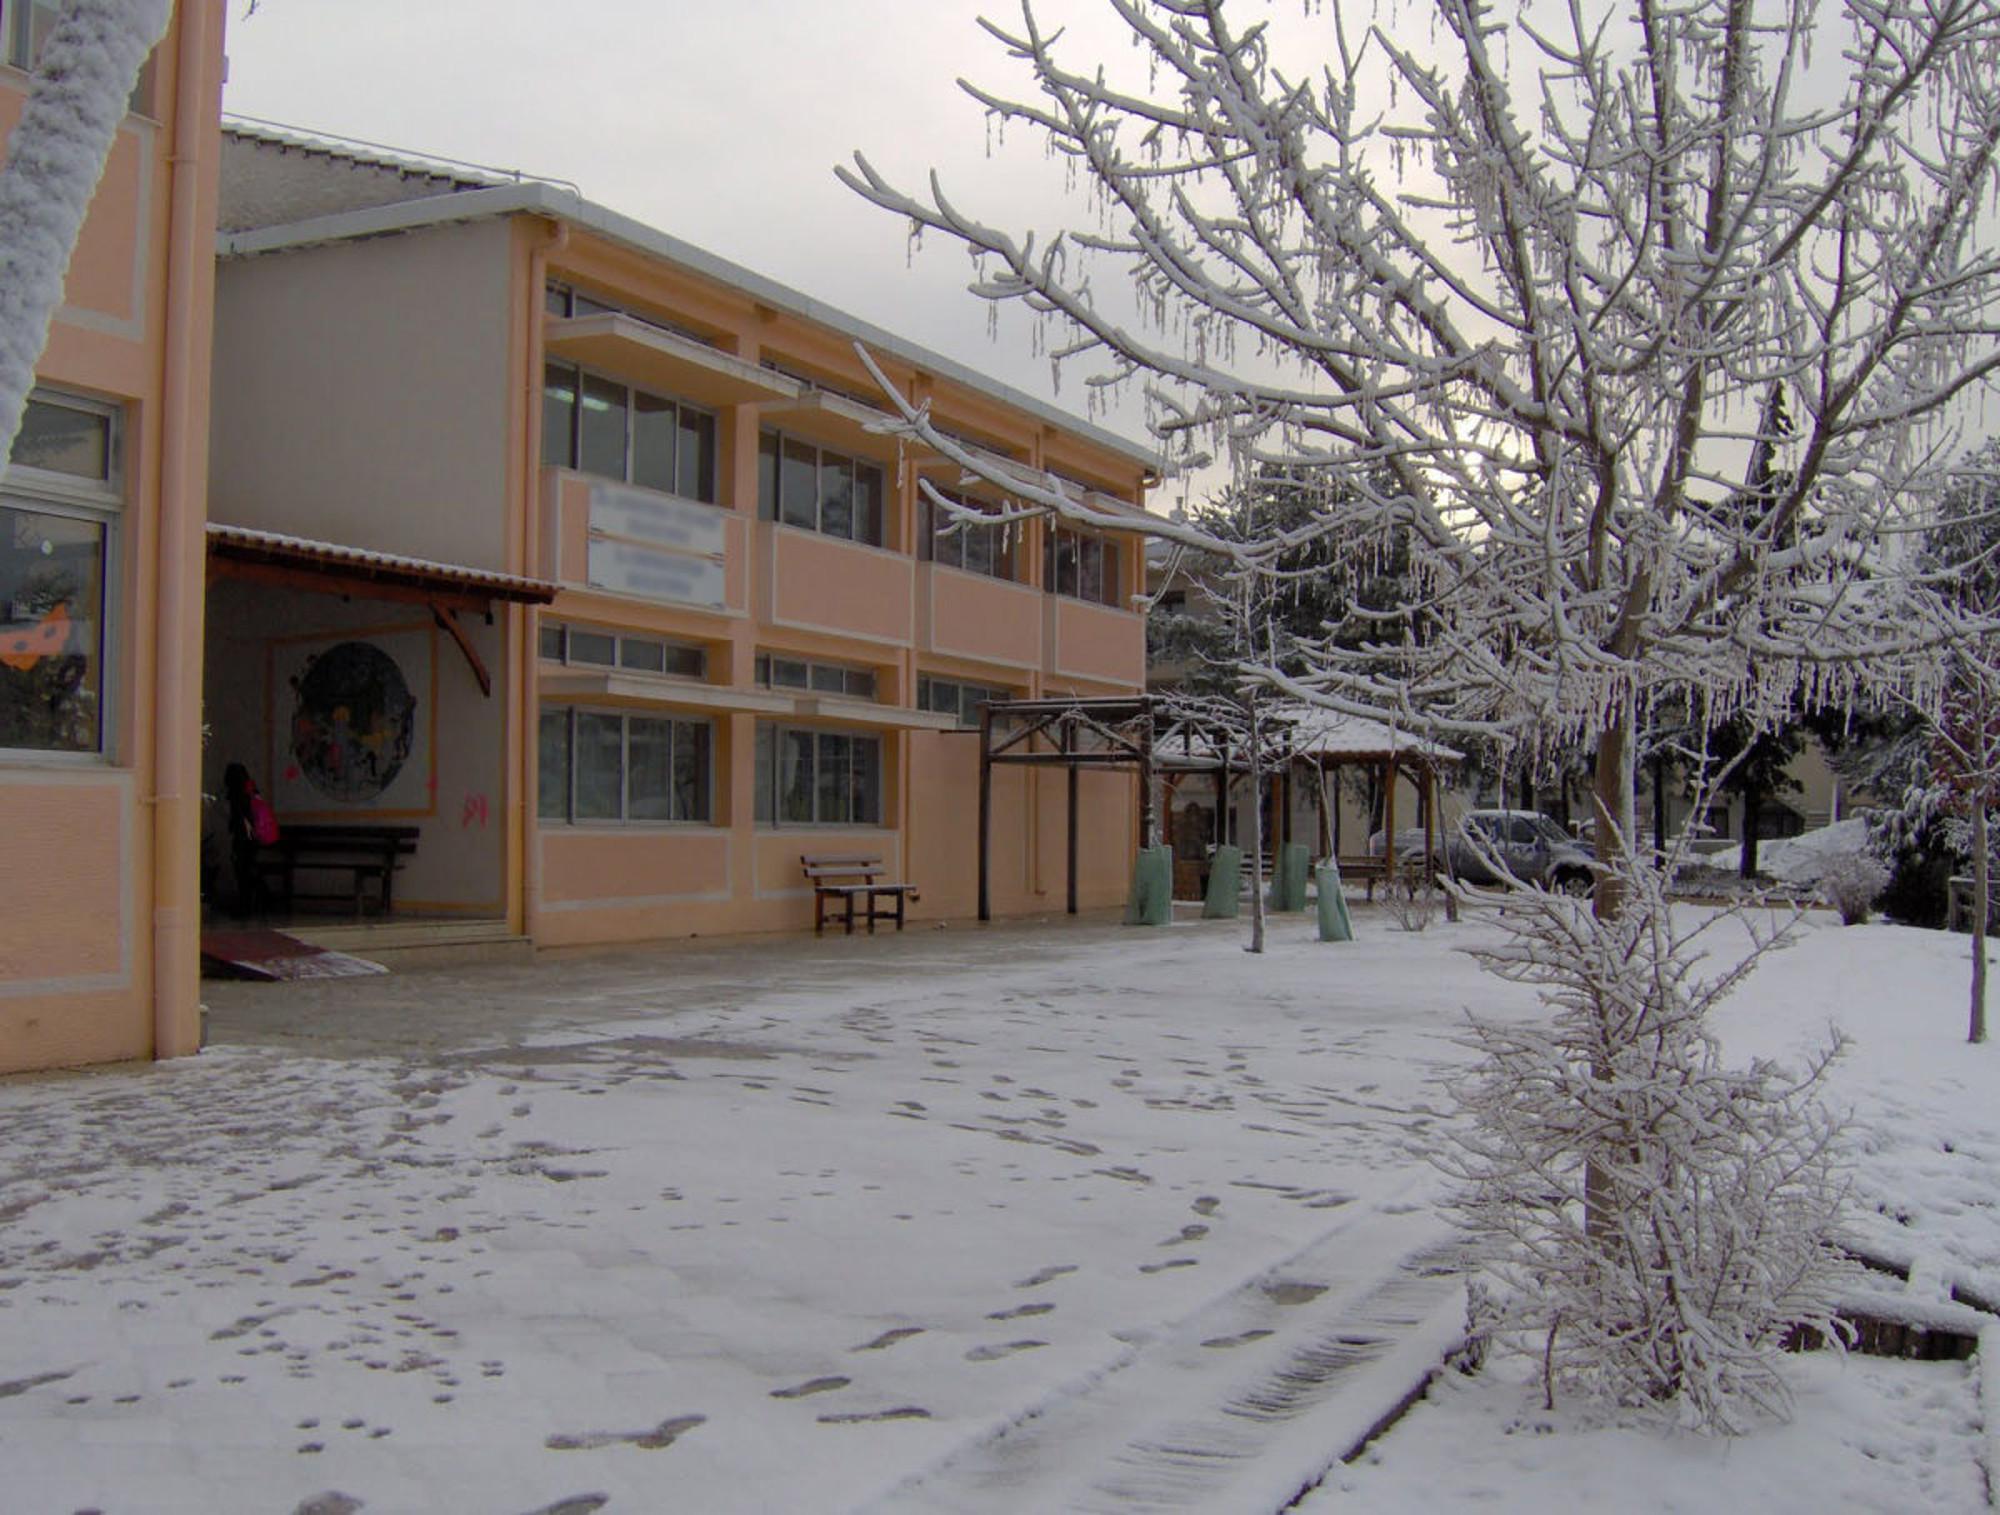 Αποτέλεσμα εικόνας για Σχολεία κλειστά χιόνια